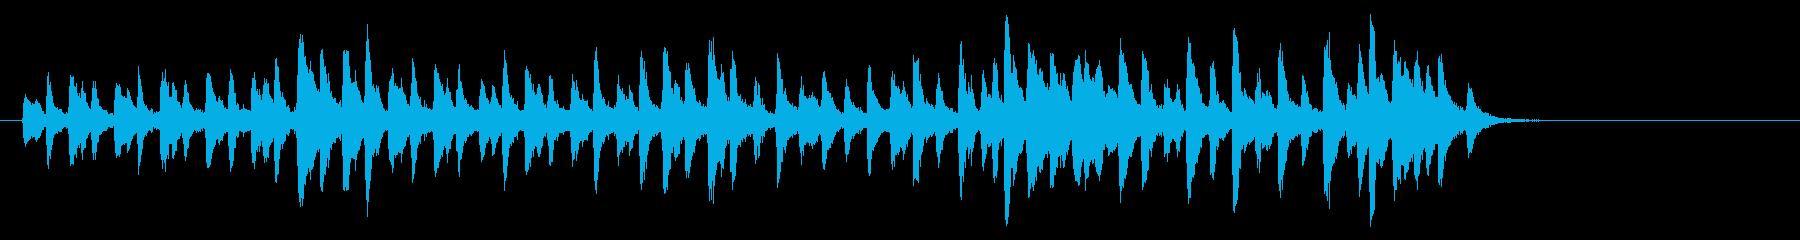 6つのエコセーズ第1番(ベートーヴェン)の再生済みの波形